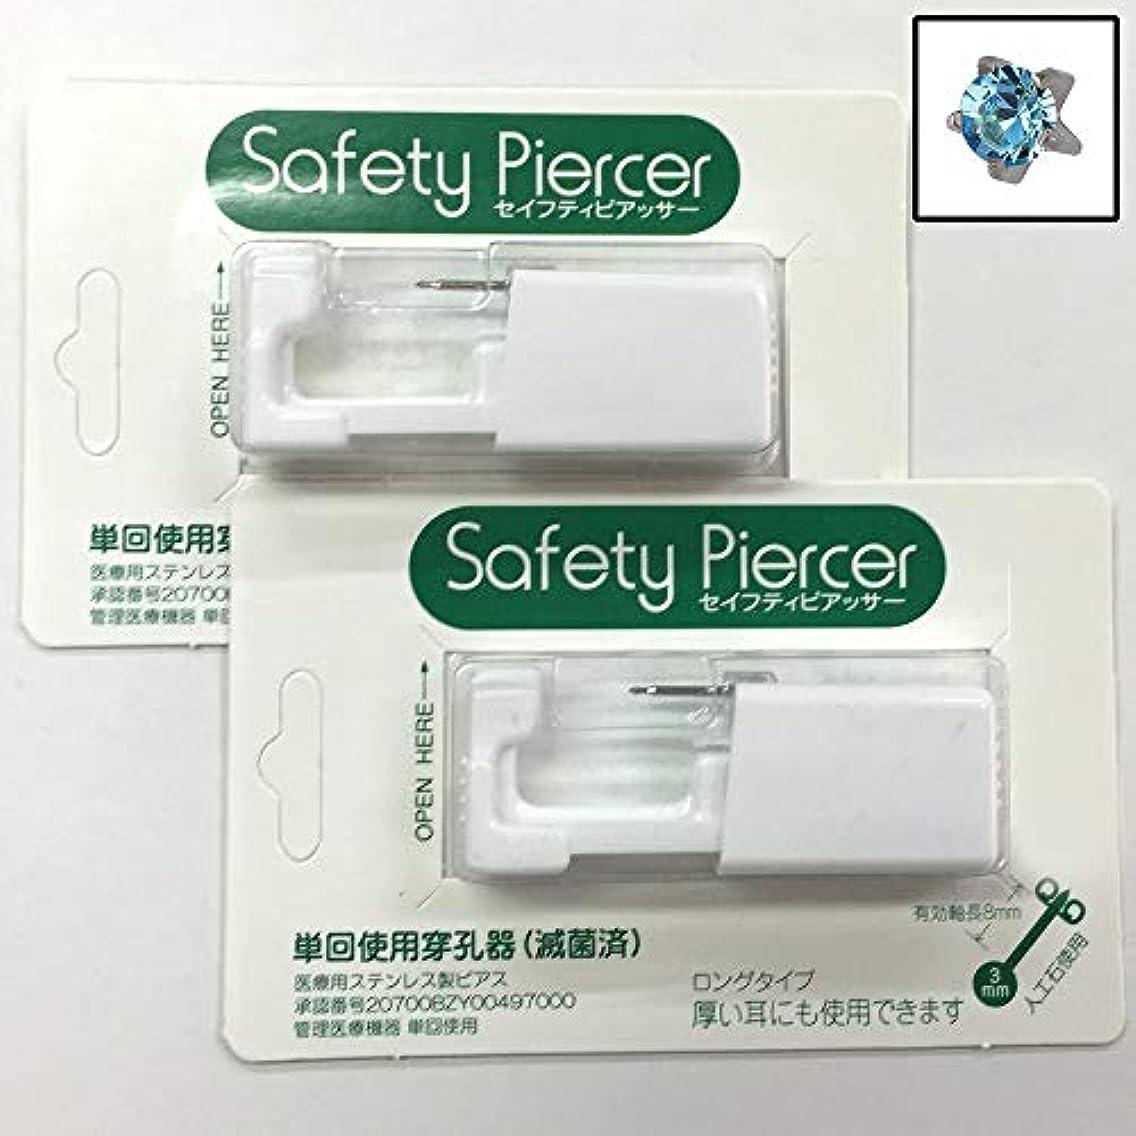 ランドマークシャイエステートセイフティピアッサー シルバー (医療用ステンレス) 3mm アクアマリン色 5M103WL(2個セット)